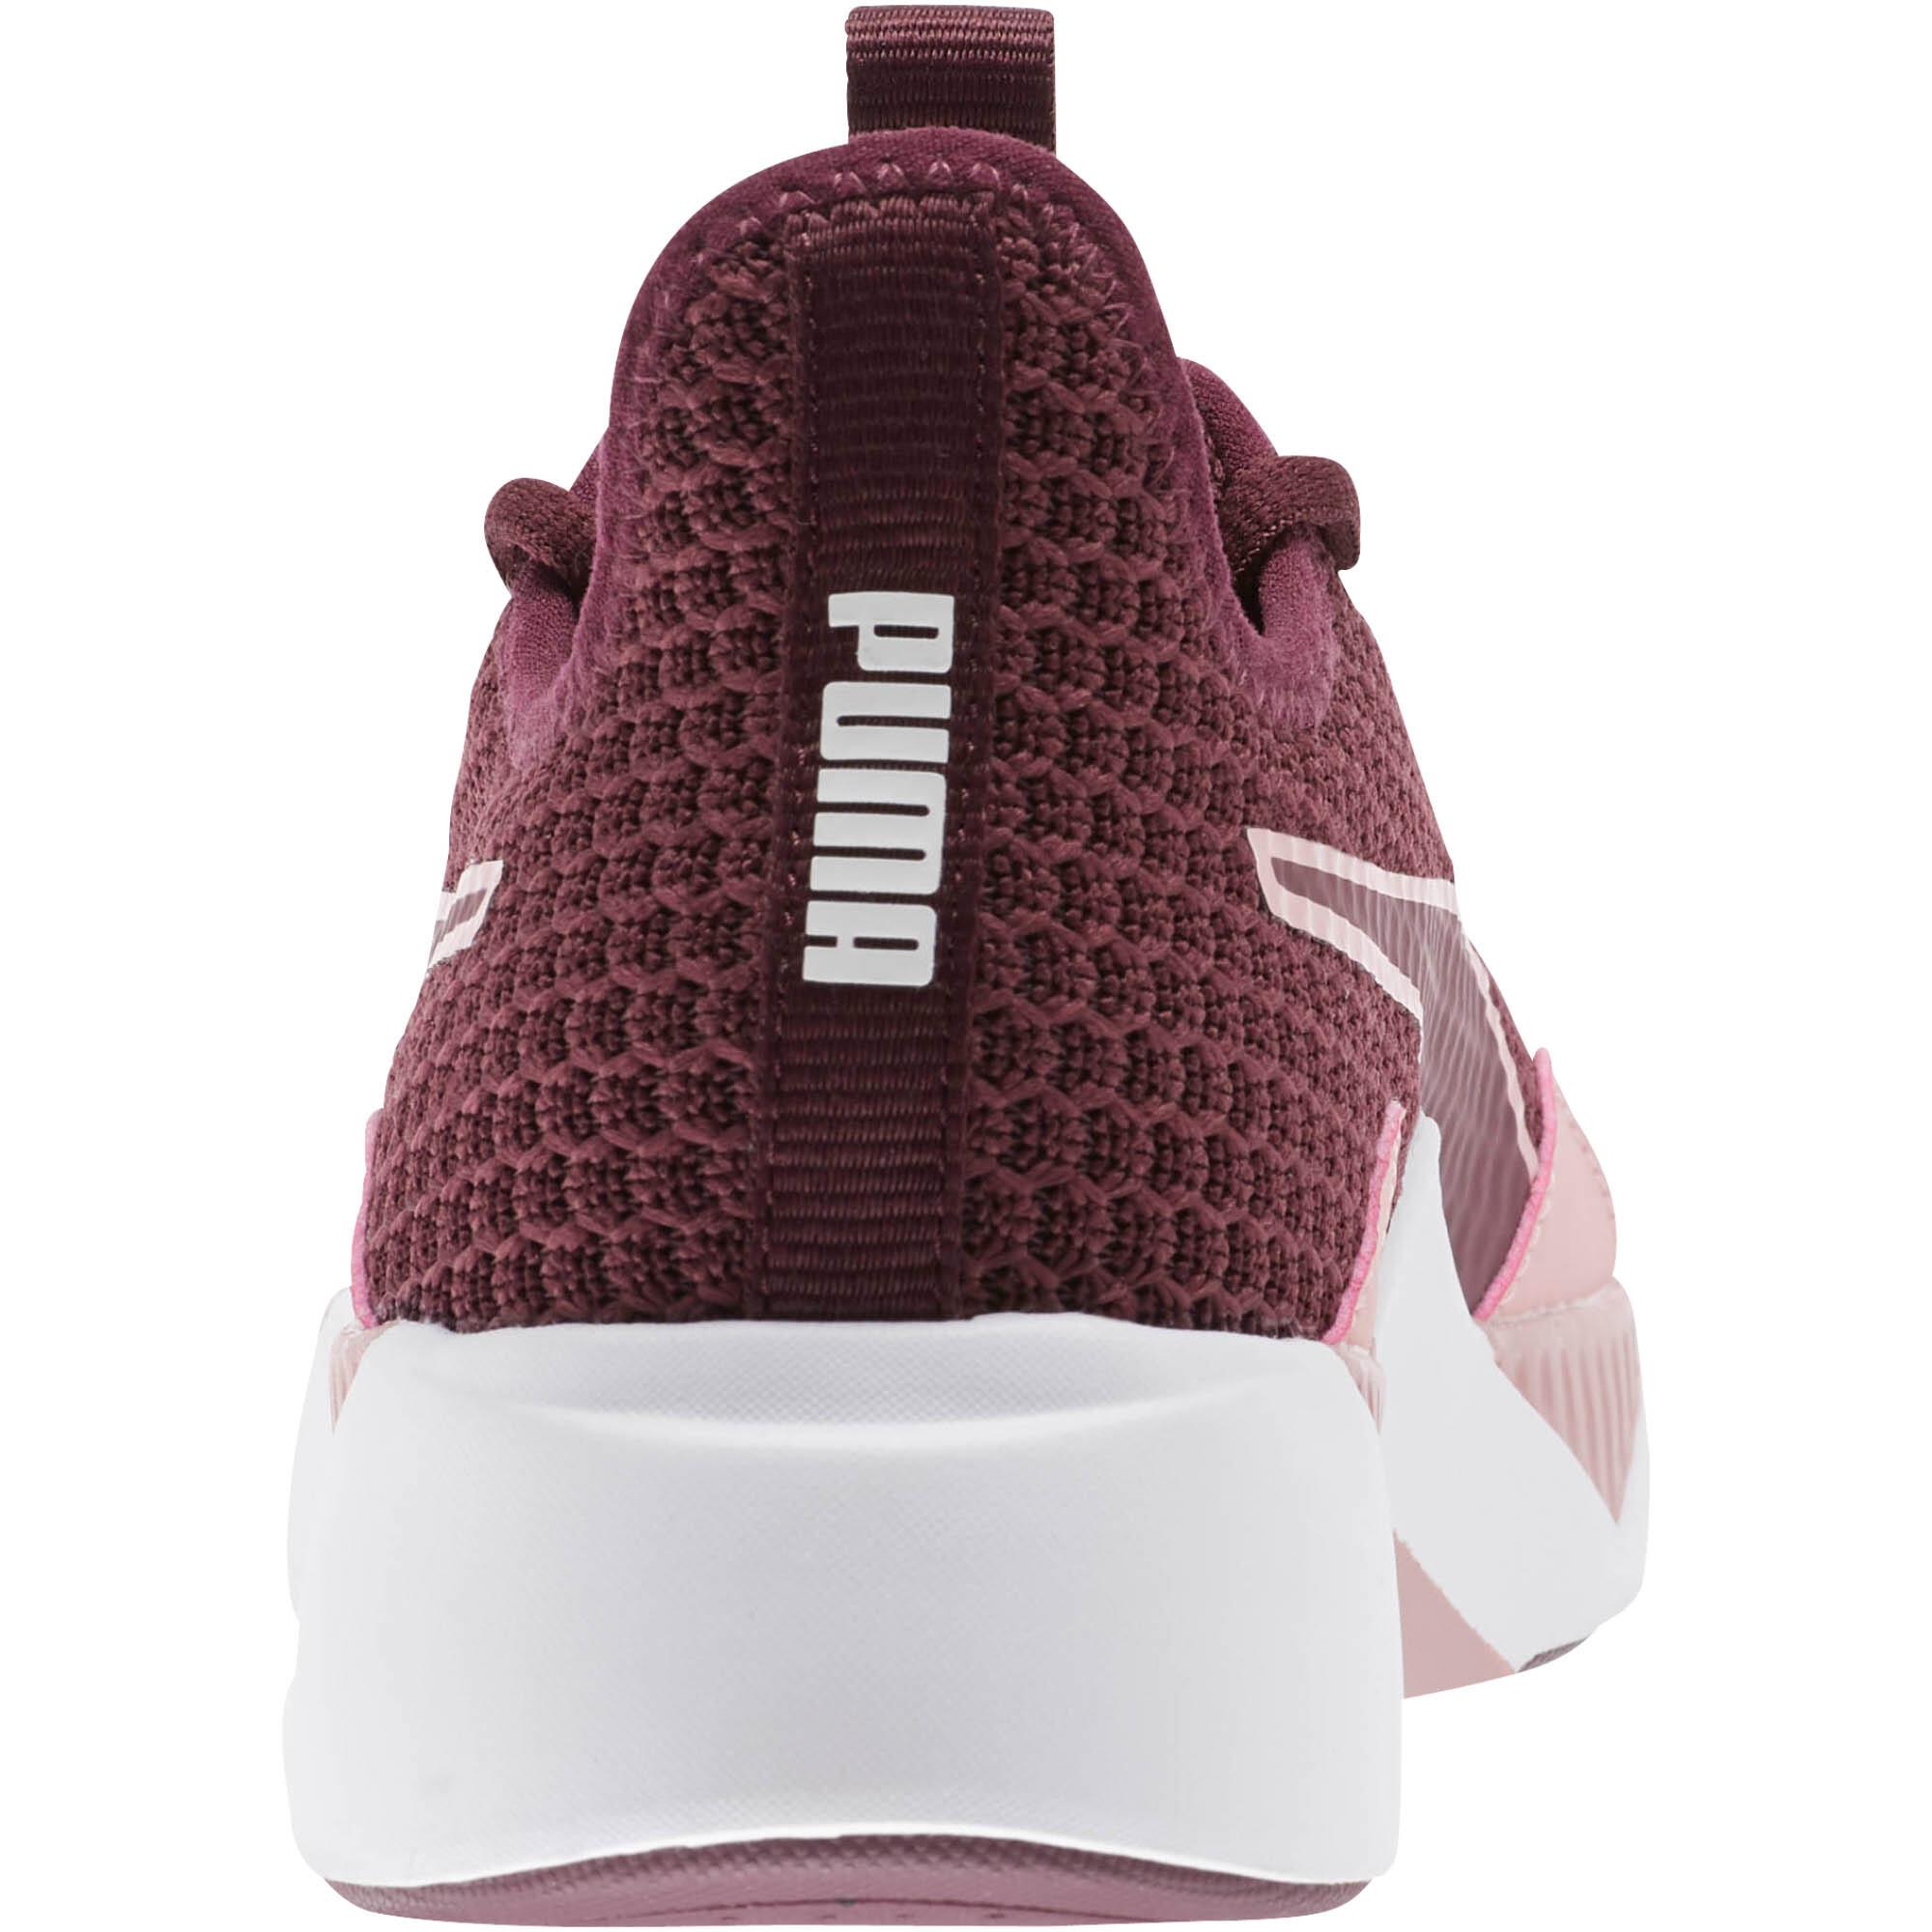 PUMA-Incite-FS-Women-039-s-Training-Shoes-Women-Shoe-Training thumbnail 12